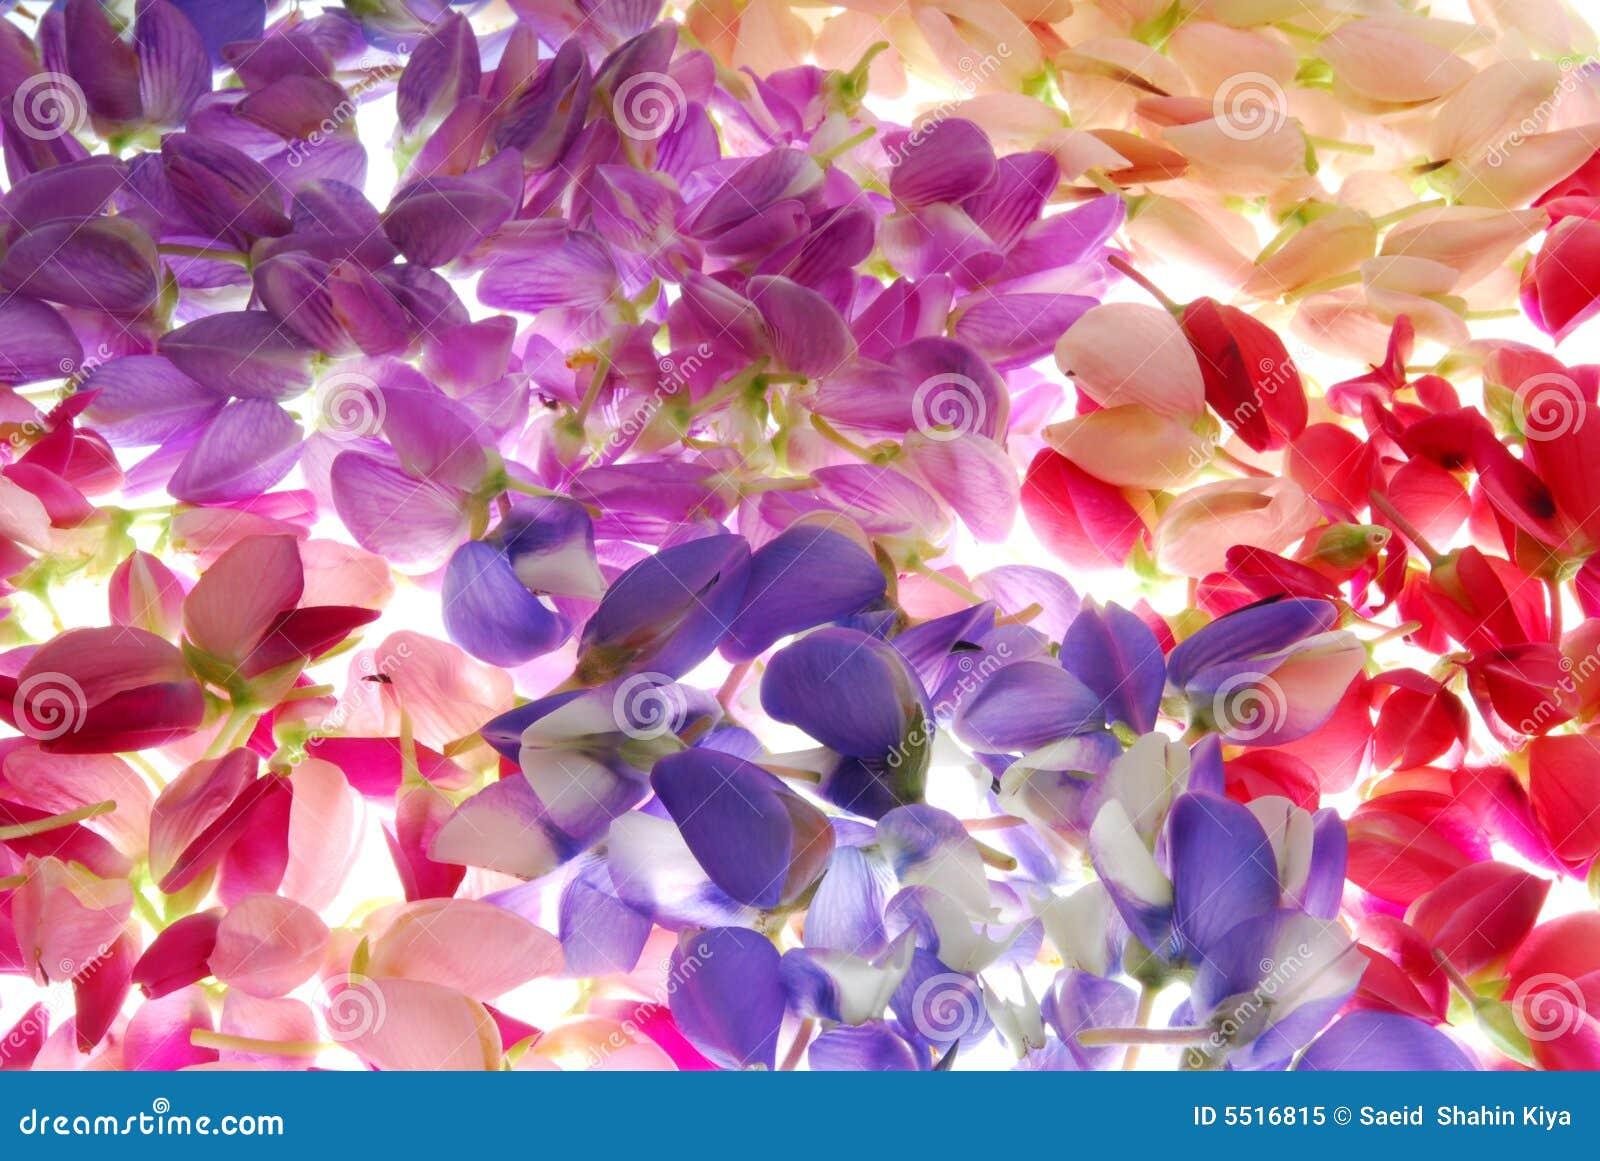 Pétalas coloridas da flor